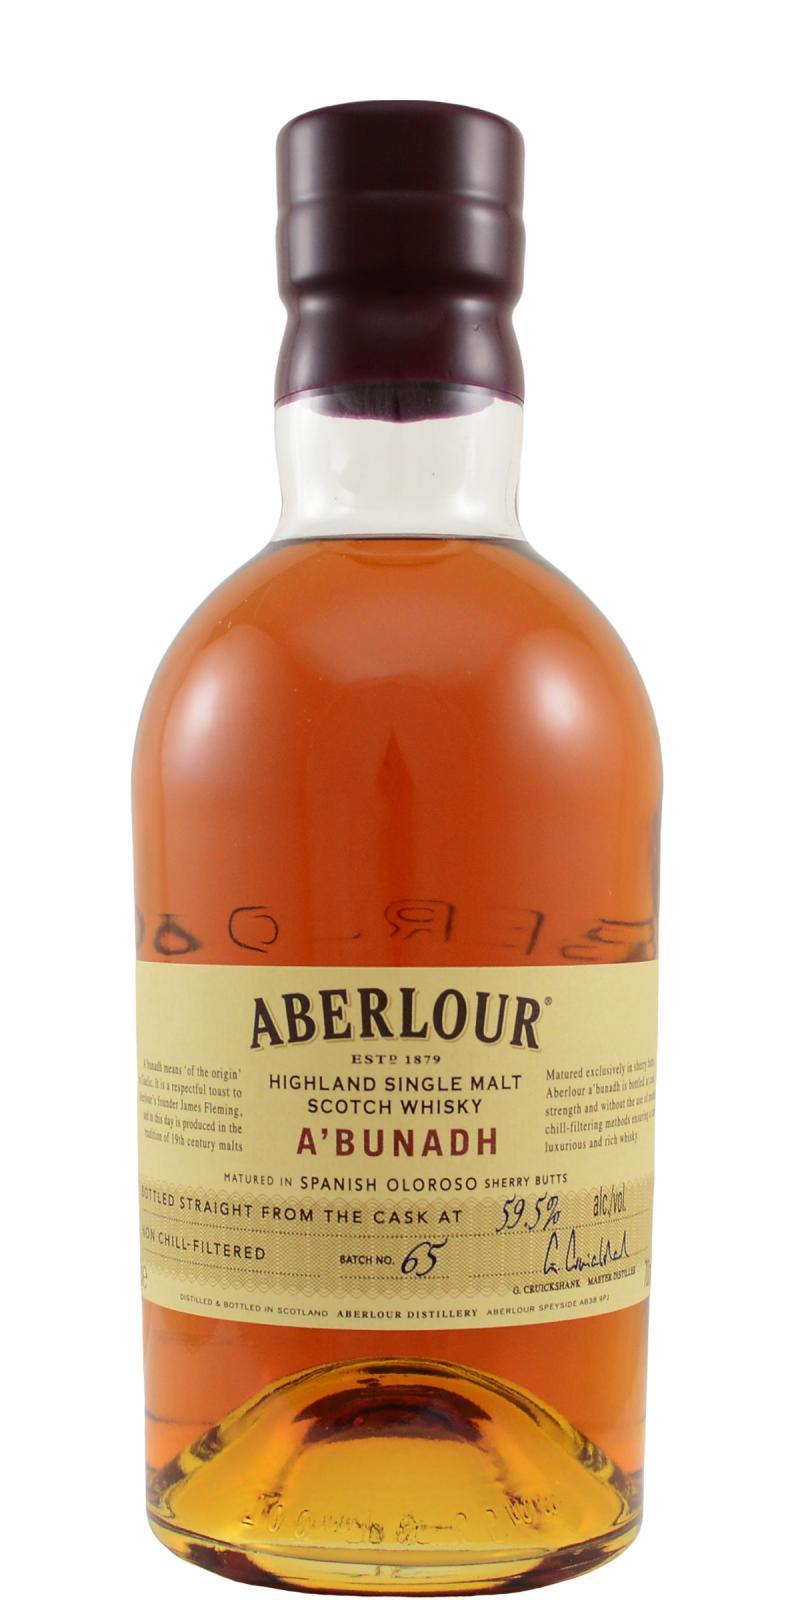 Aberlour A'bunadh batch #65